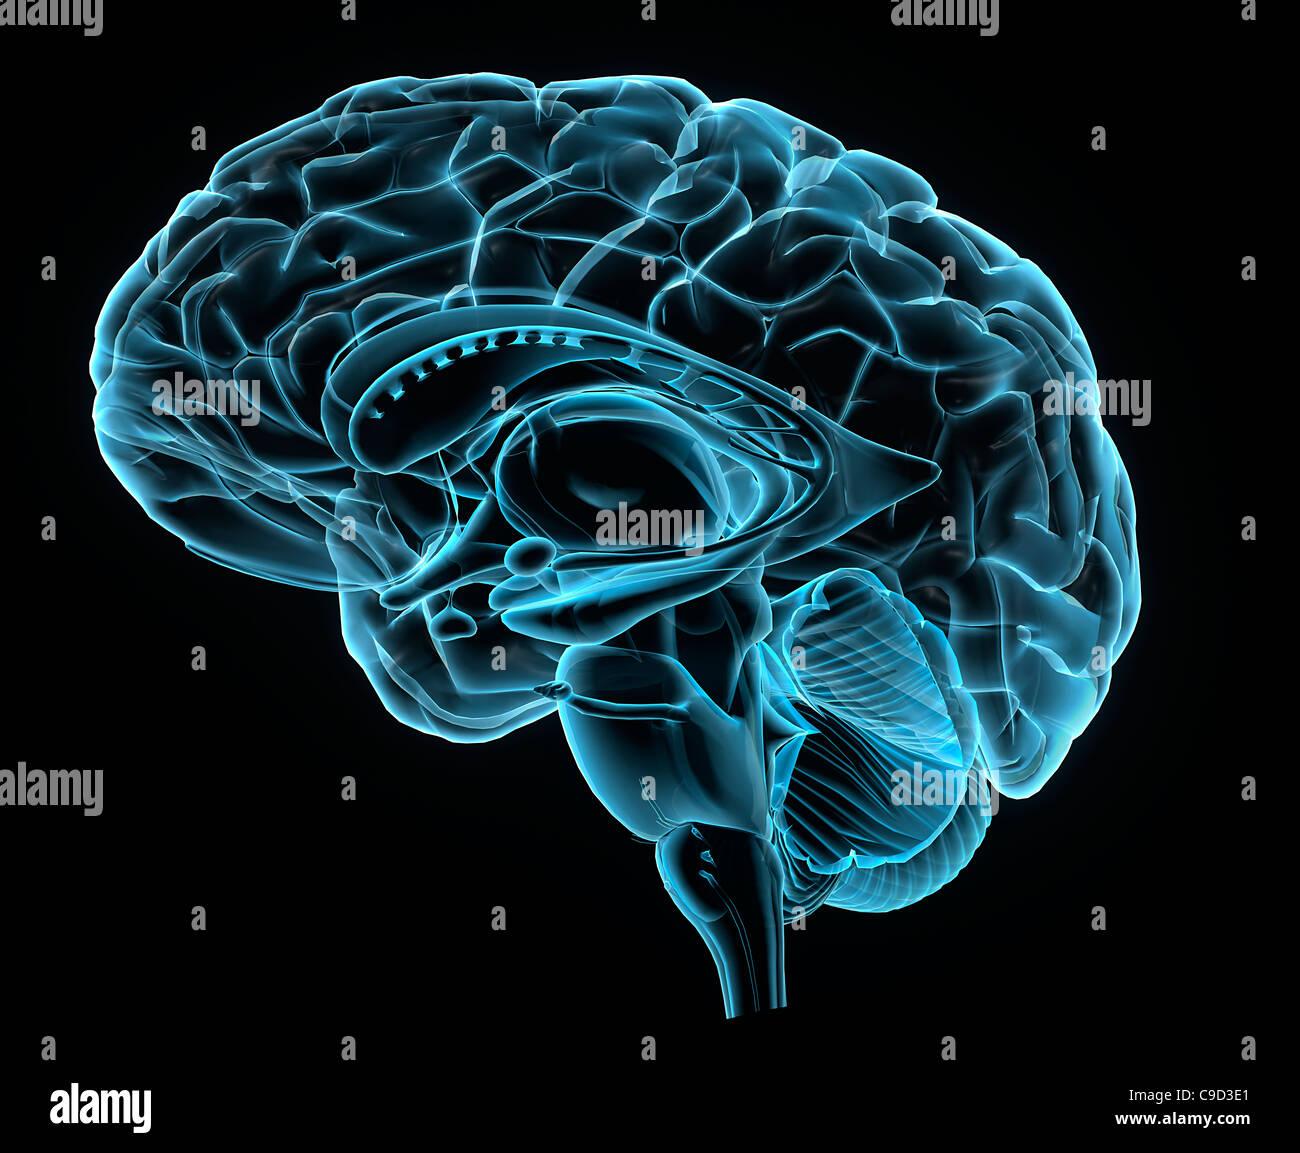 Blaue Röntgenbild der Anatomie des menschlichen Gehirns, 3-d ...